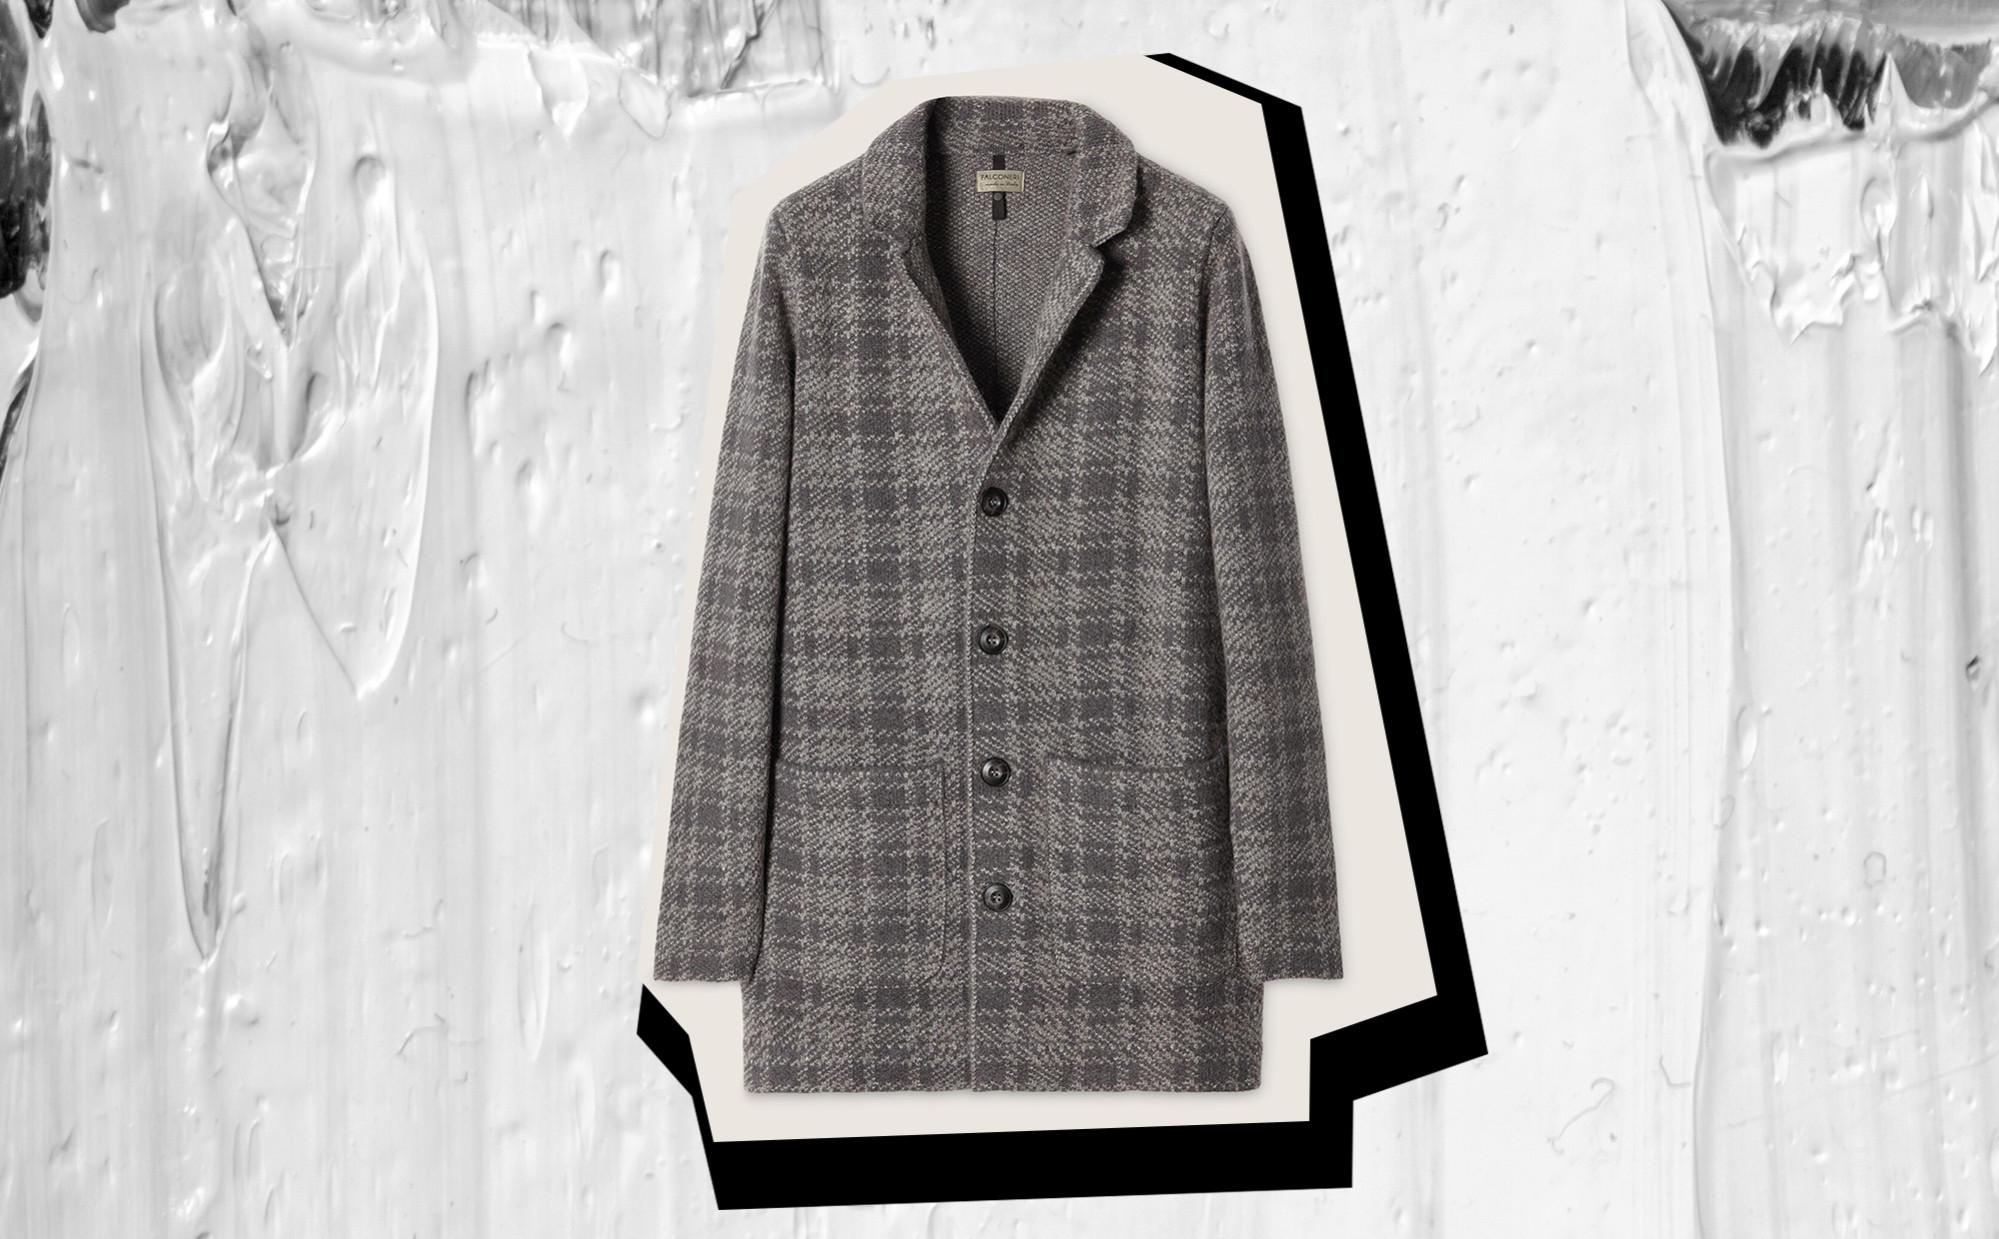 Il cappotto perfetto per ogni genere  formale 445c9e2c727